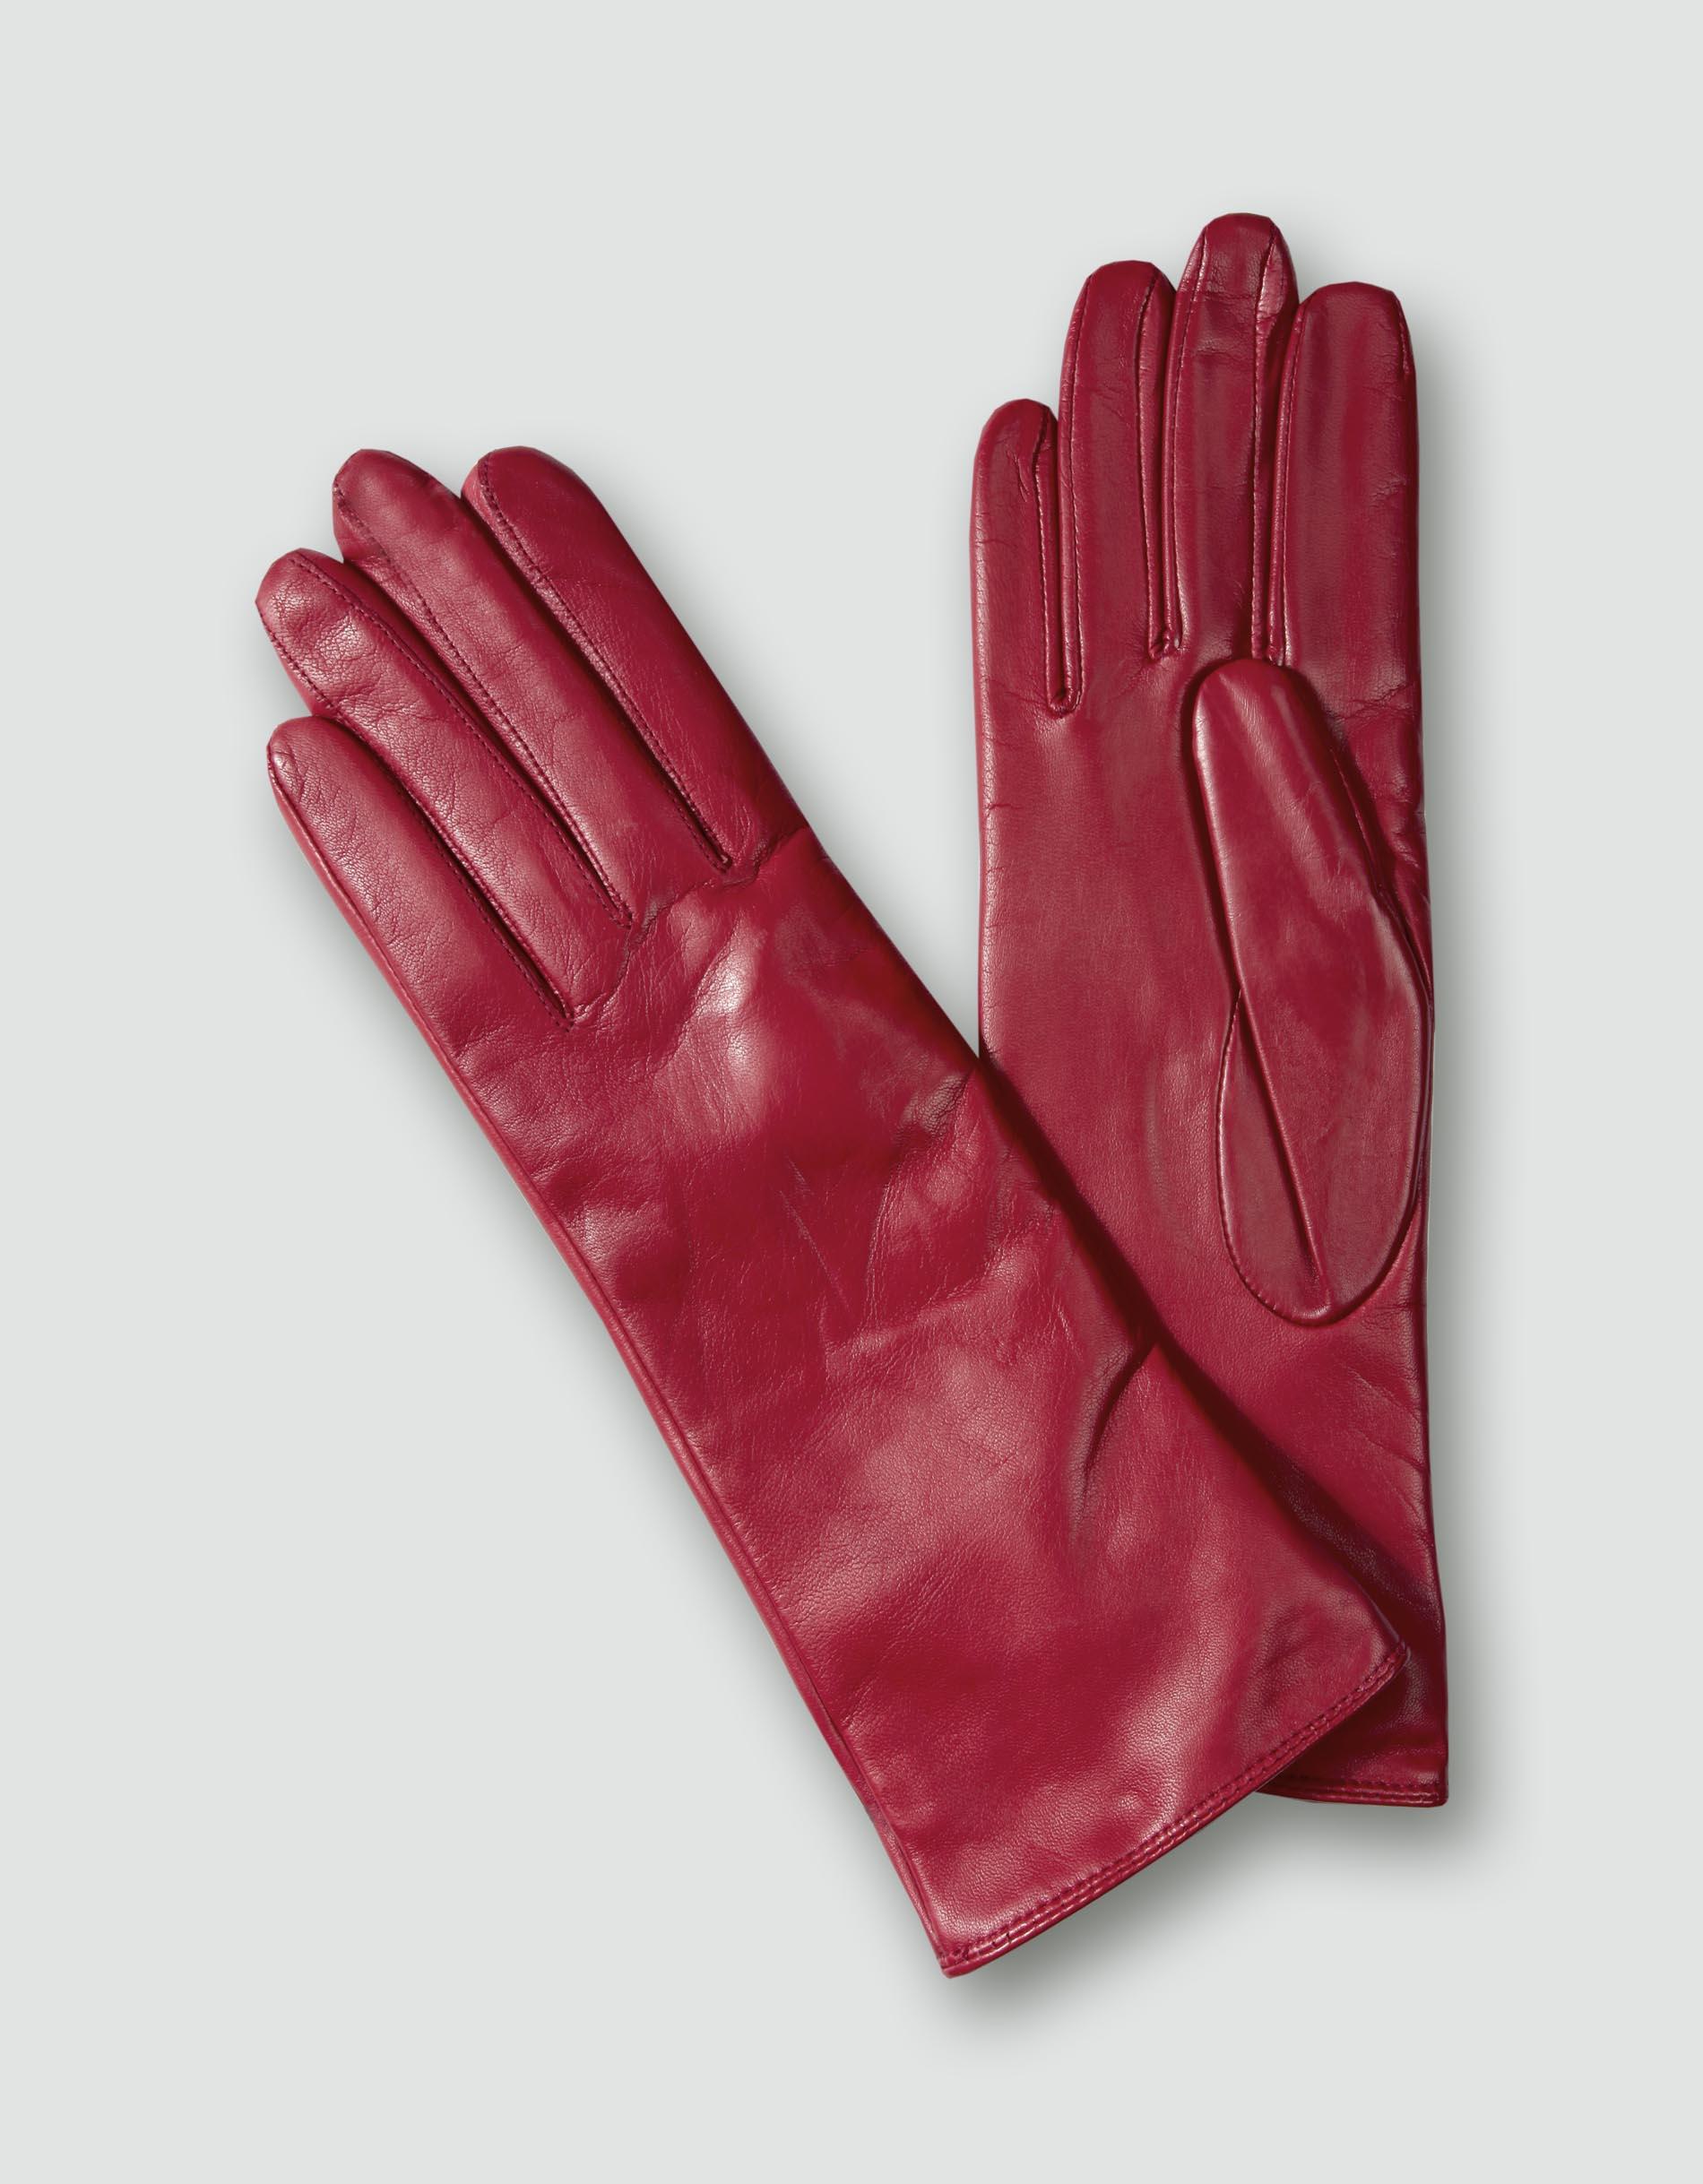 roeckl damen handschuhe lederhandschuh schafnappa rot empfohlen von deinen schwestern. Black Bedroom Furniture Sets. Home Design Ideas